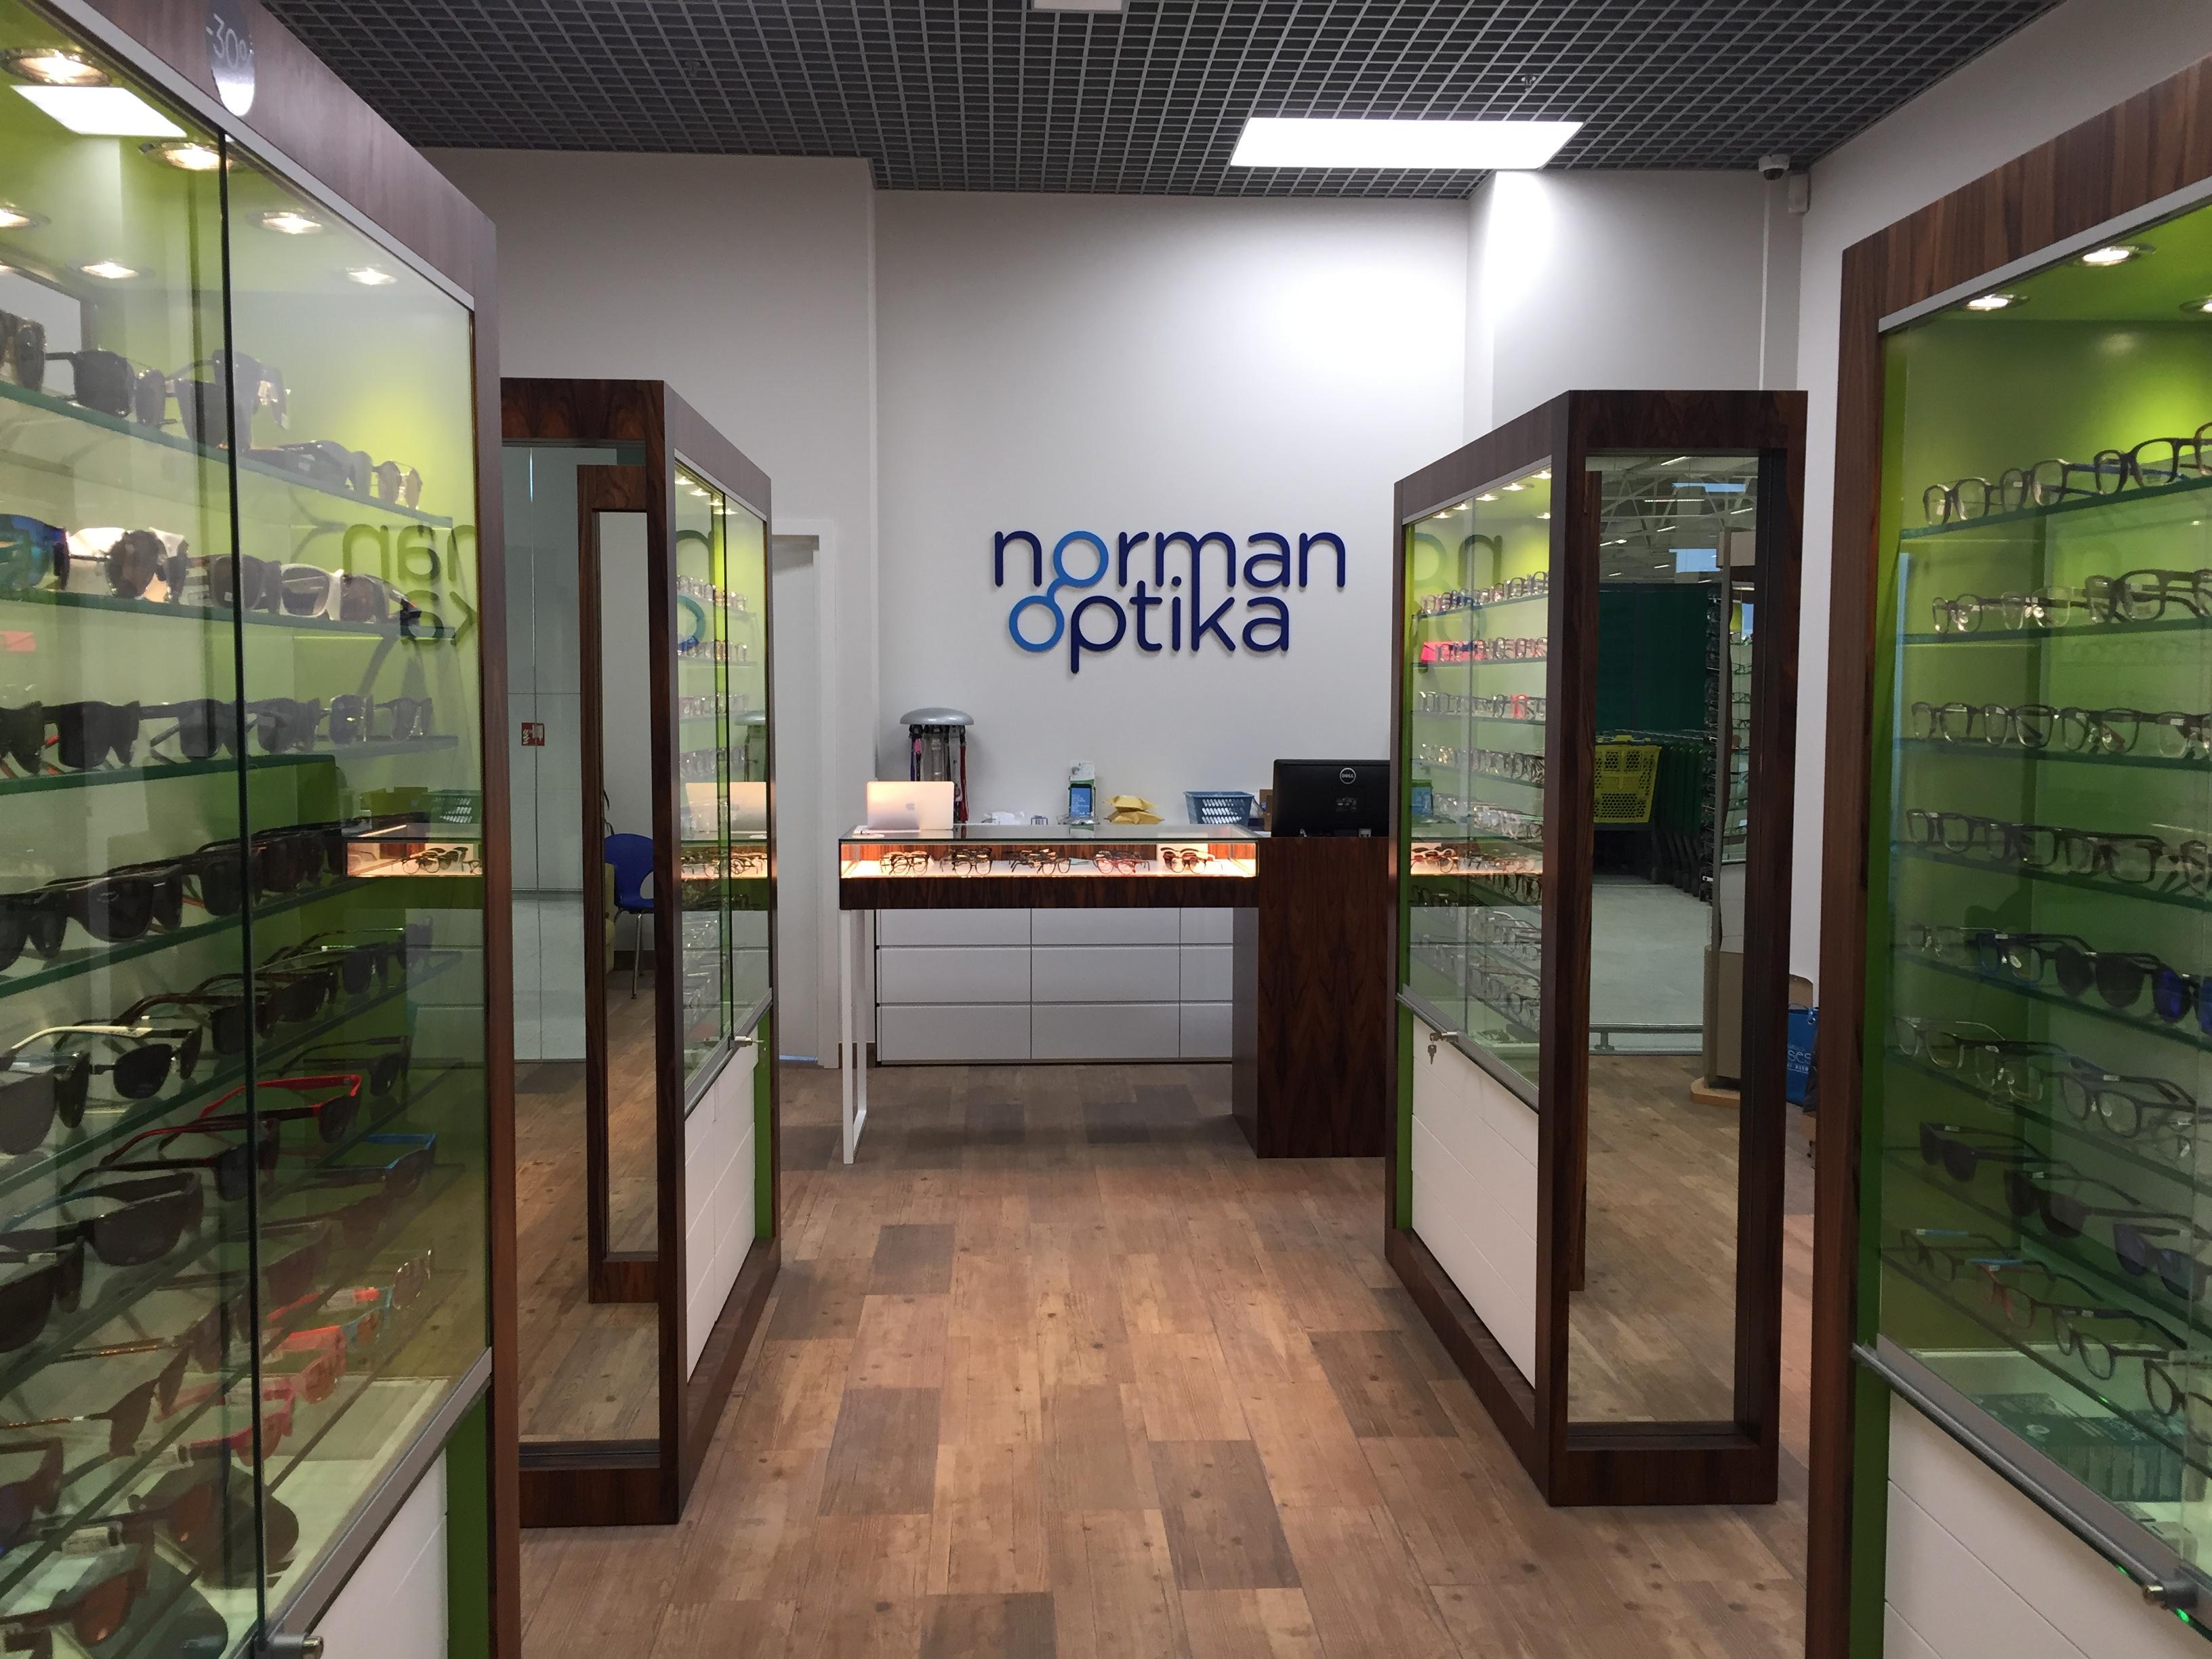 03338510c0b Avatud uus kauplus Lasnamäe Prismas, Mustakivi tee 17, Tallinn ...